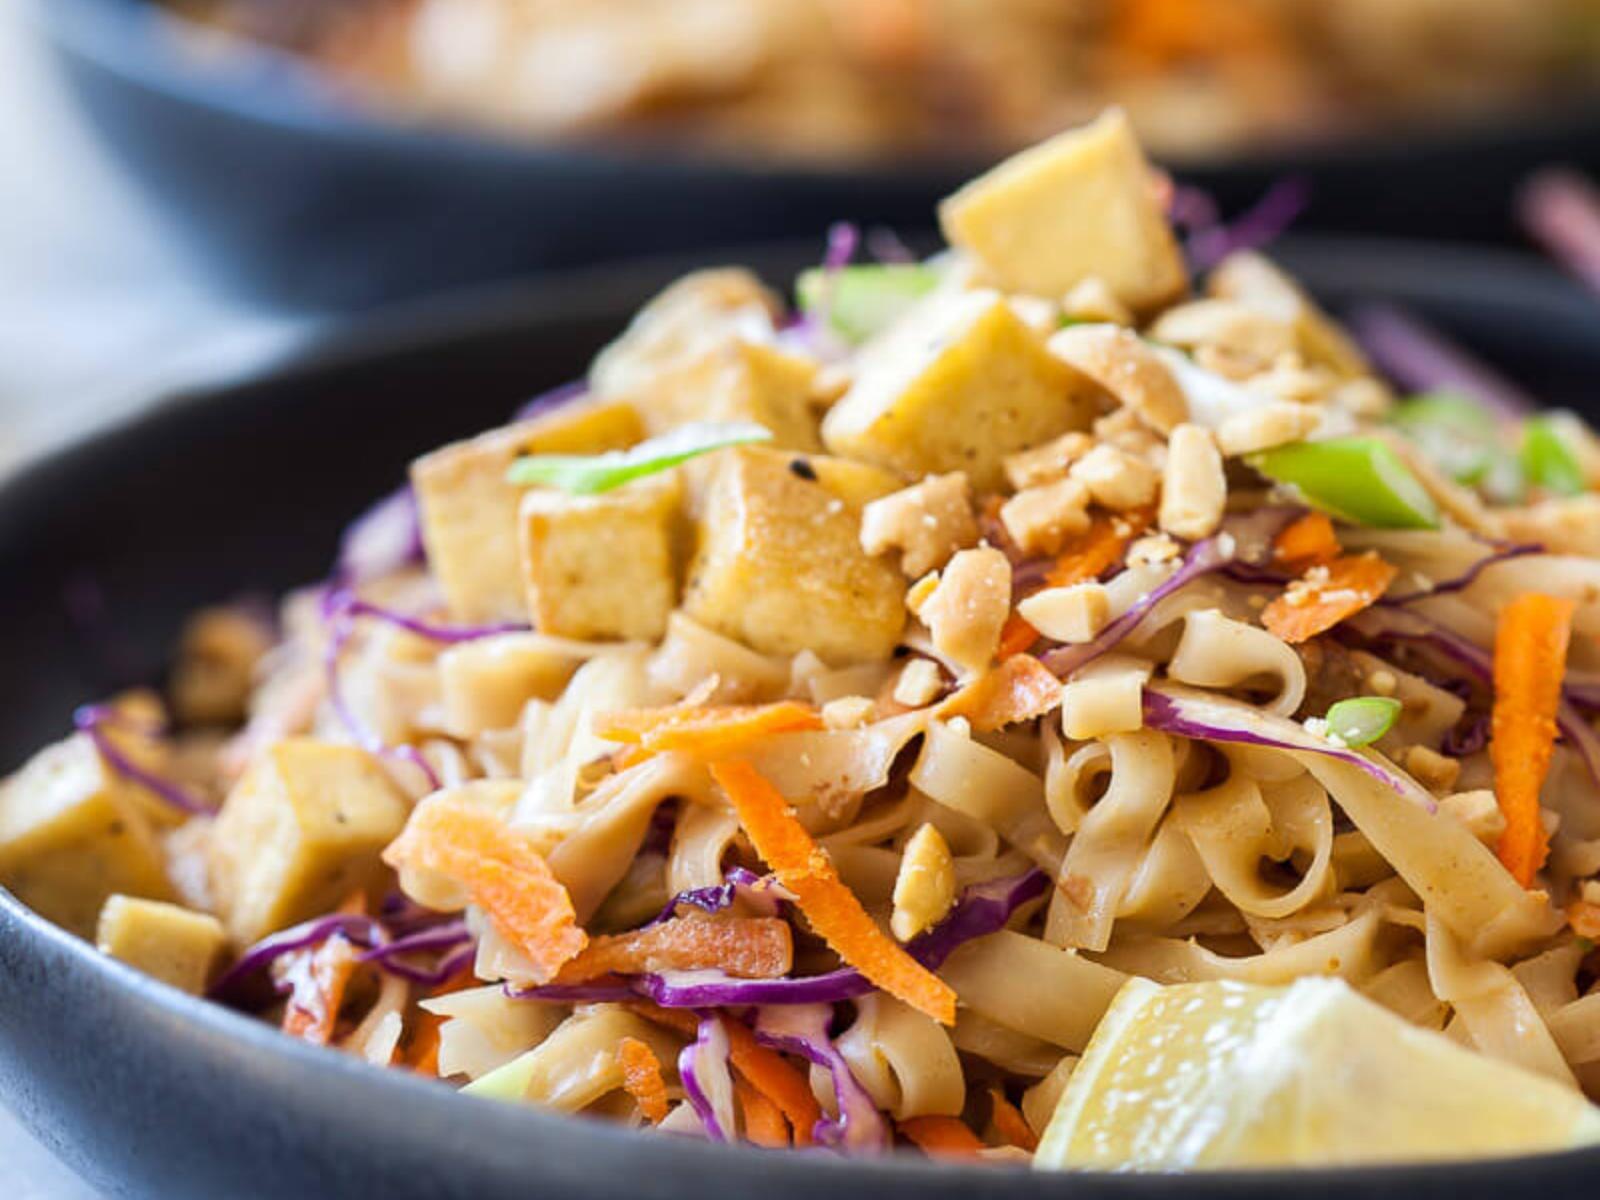 Pad Thai with Tofu in Peanut Sauce